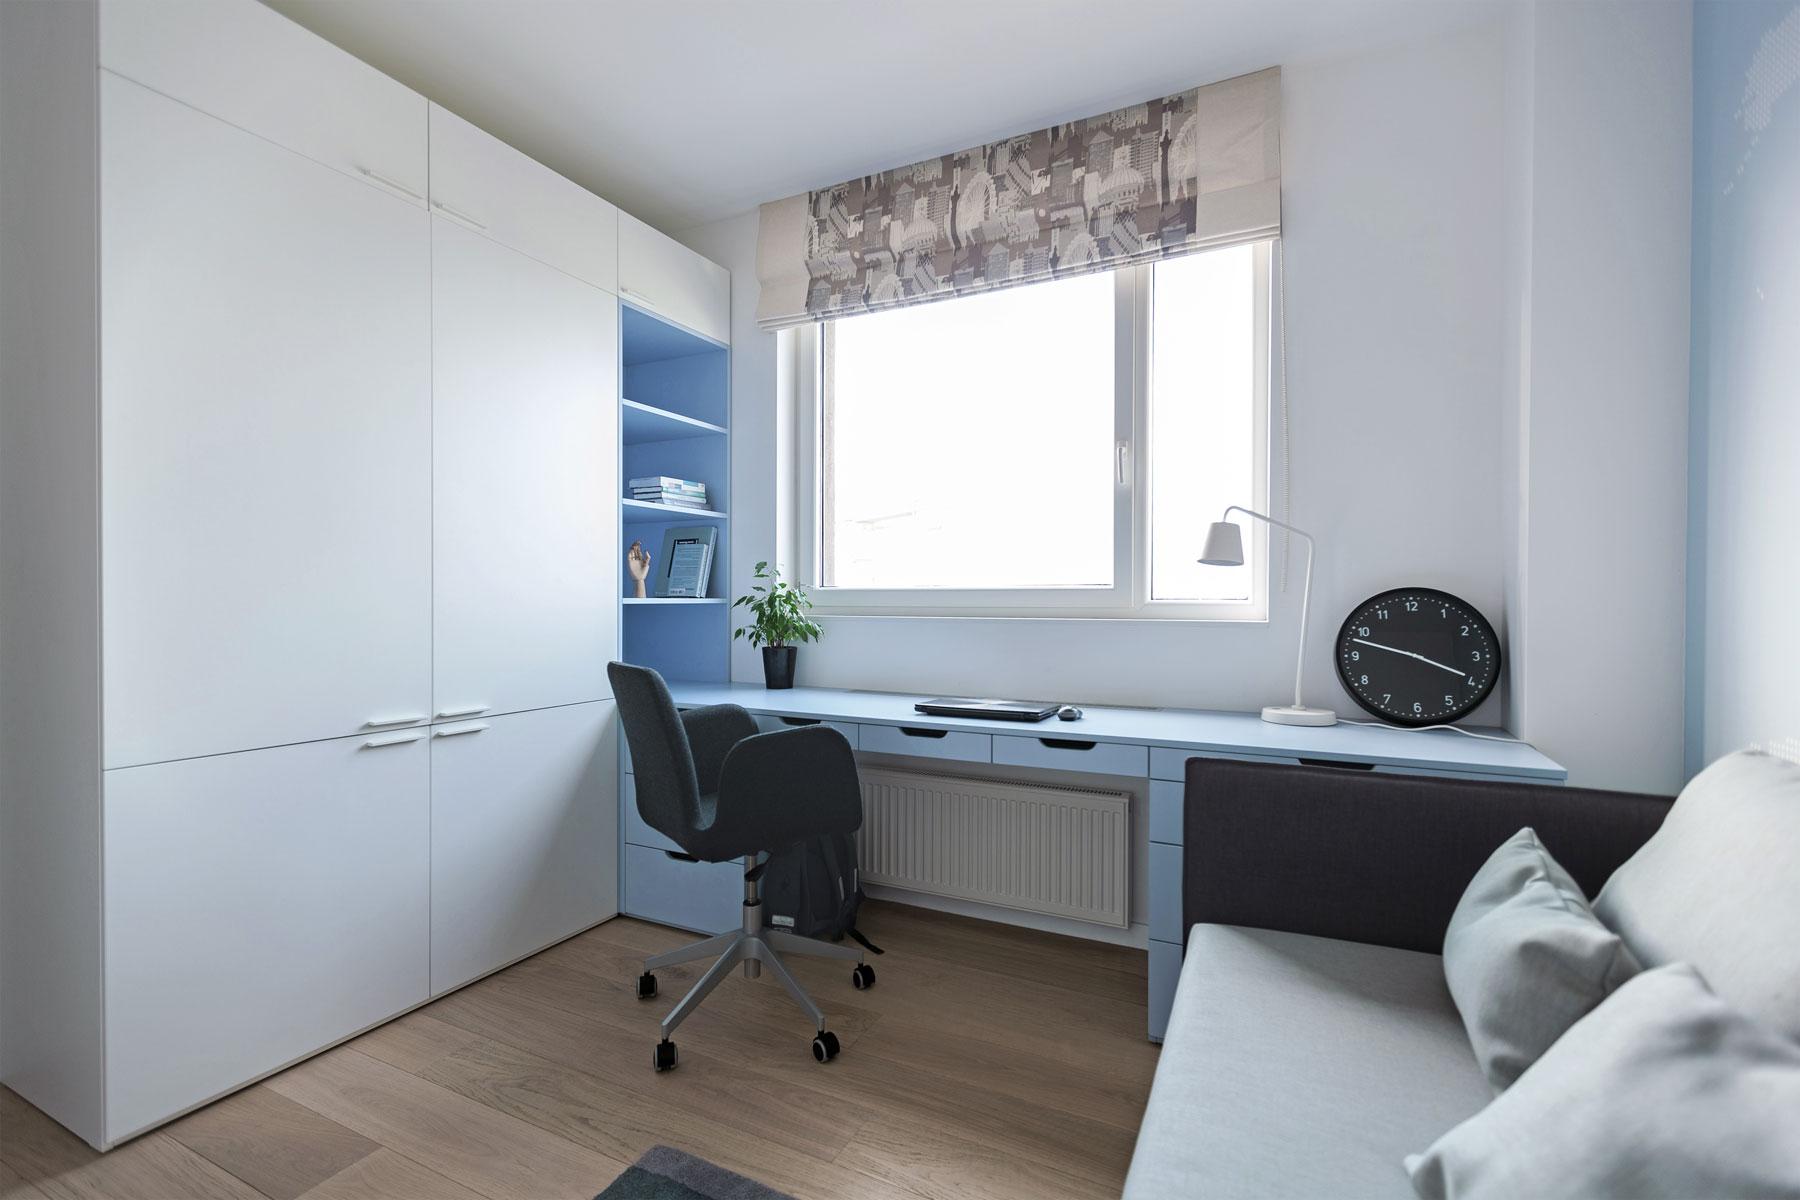 Apartment-in-Vilnius-2-15